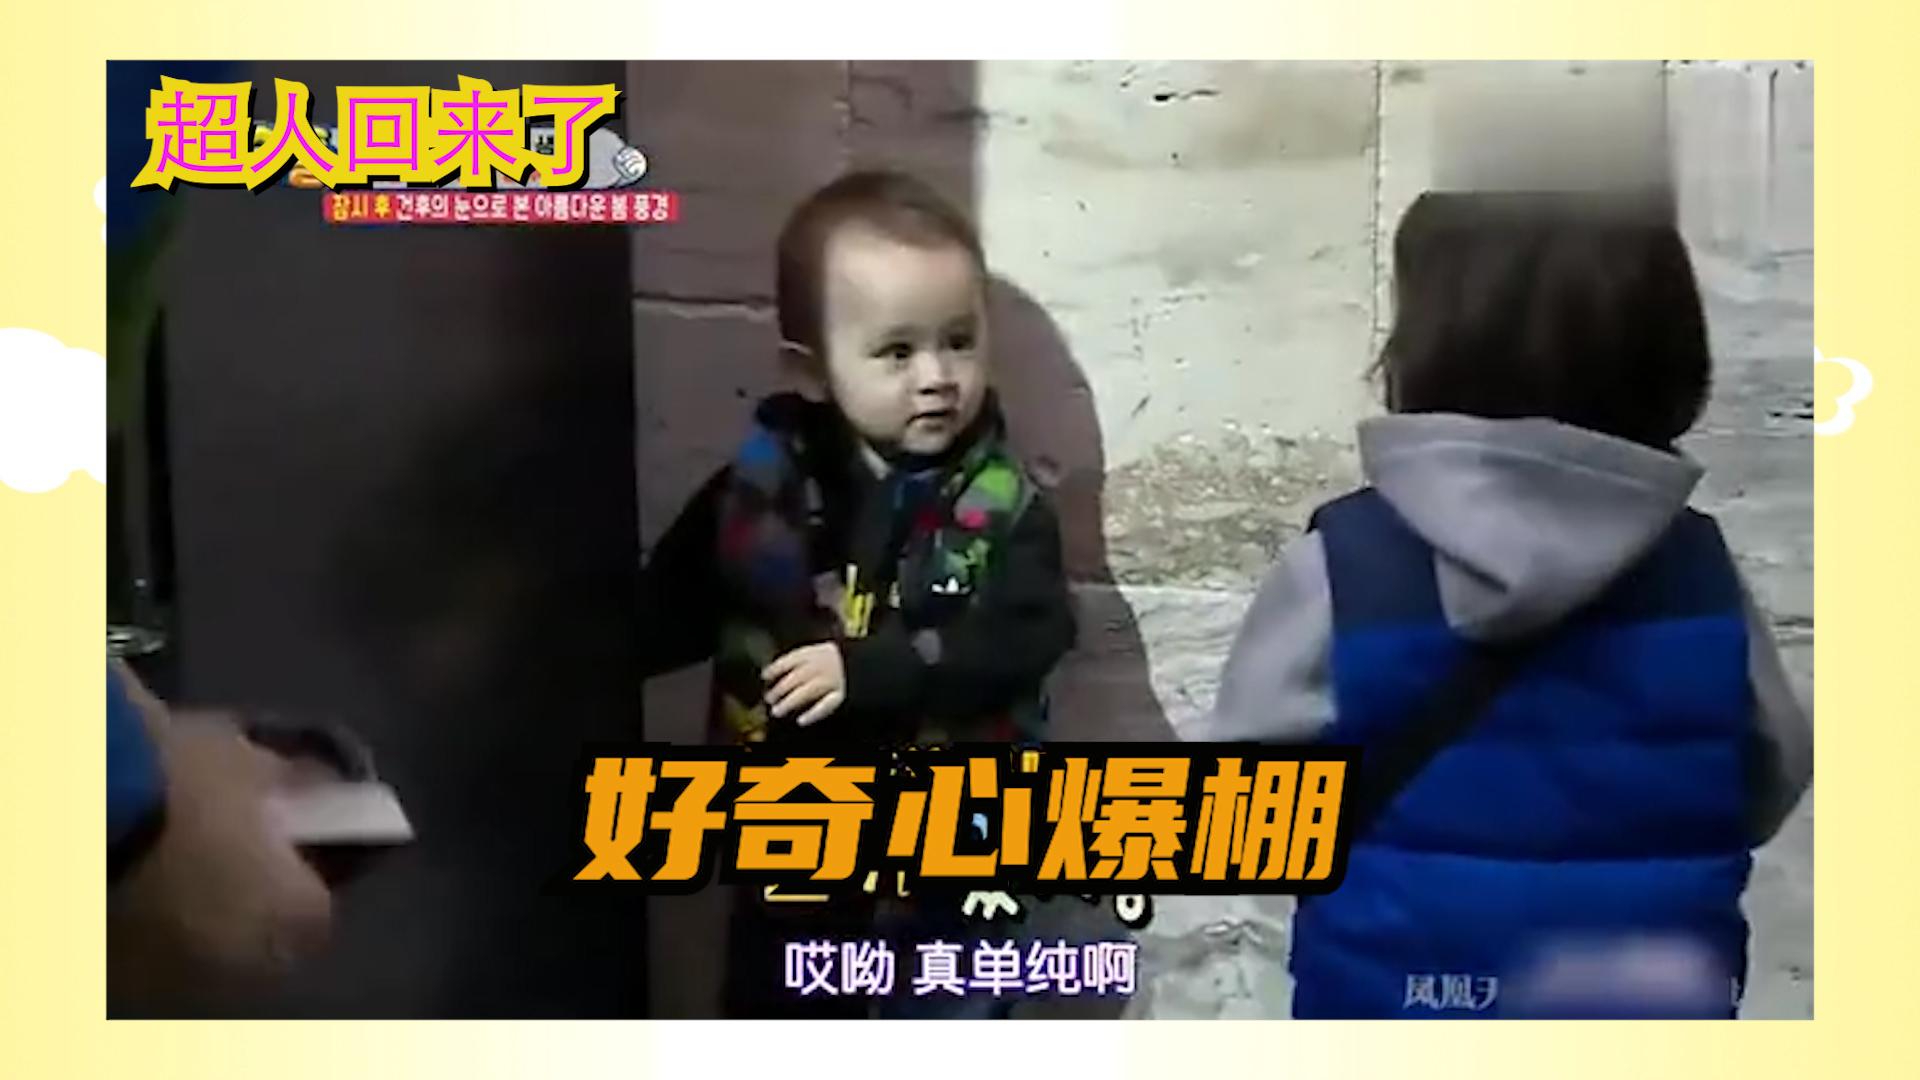 超人回来了:宝宝好奇心爆棚,跑到机器后面一探究竟.